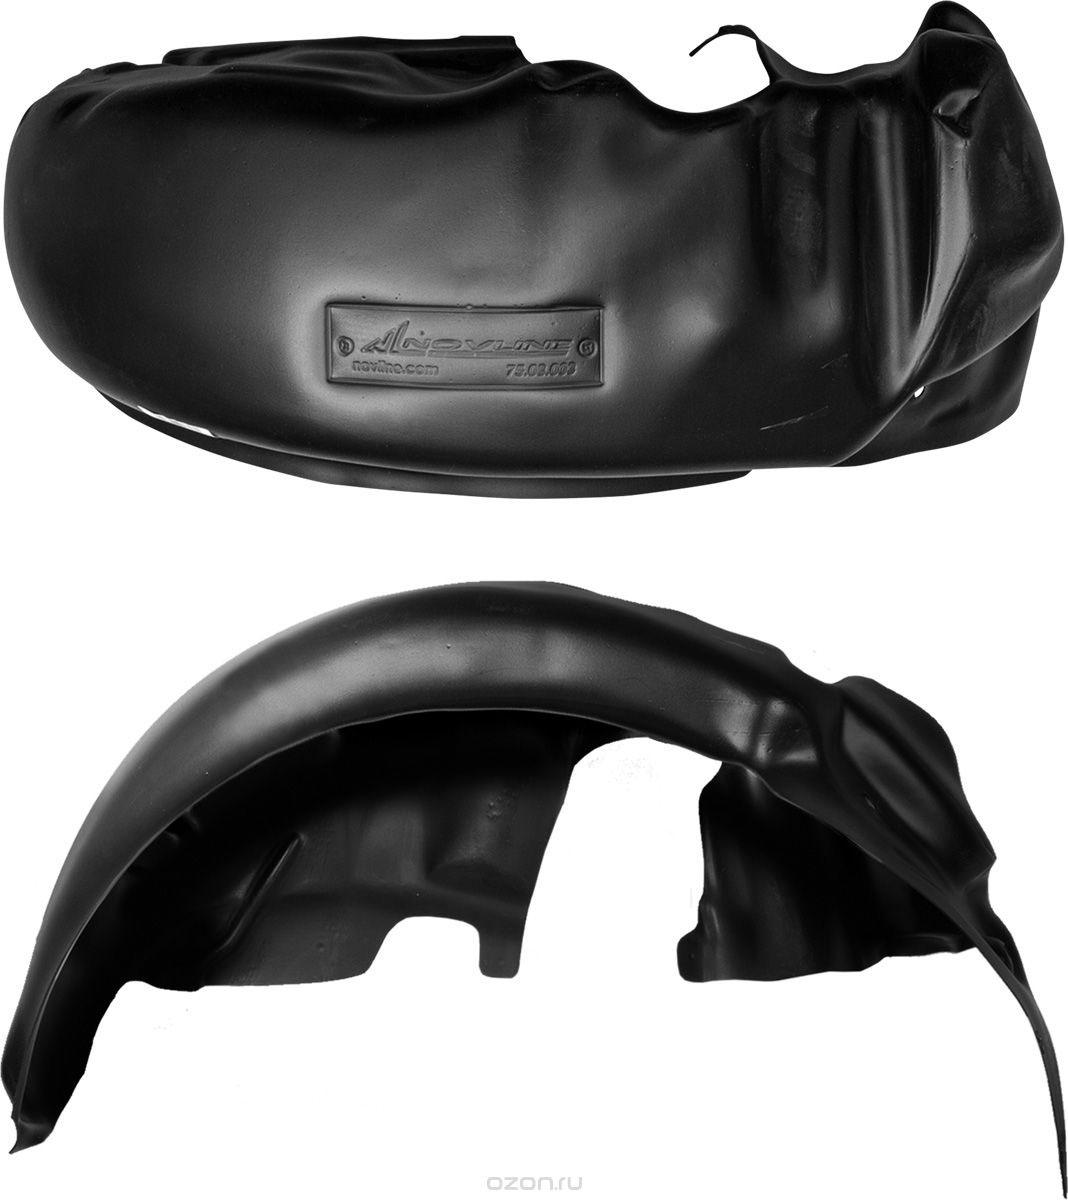 Подкрылок Novline-Autofamily, для Renault Kaptur, 04/2016->, передний правыйNLL.41.43.002Идеальная защита колесной ниши. Локеры разработаны с применением цифровых технологий, гарантируют максимальную повторяемость поверхности арки. Изделия устанавливаются без нарушения лакокрасочного покрытия автомобиля, каждый подкрылок комплектуется крепежом. Уважаемые клиенты, обращаем ваше внимание, что фотографии на подкрылки универсальные и не отражают реальную форму изделия. При этом само изделие идет точно под размер указанного автомобиля.